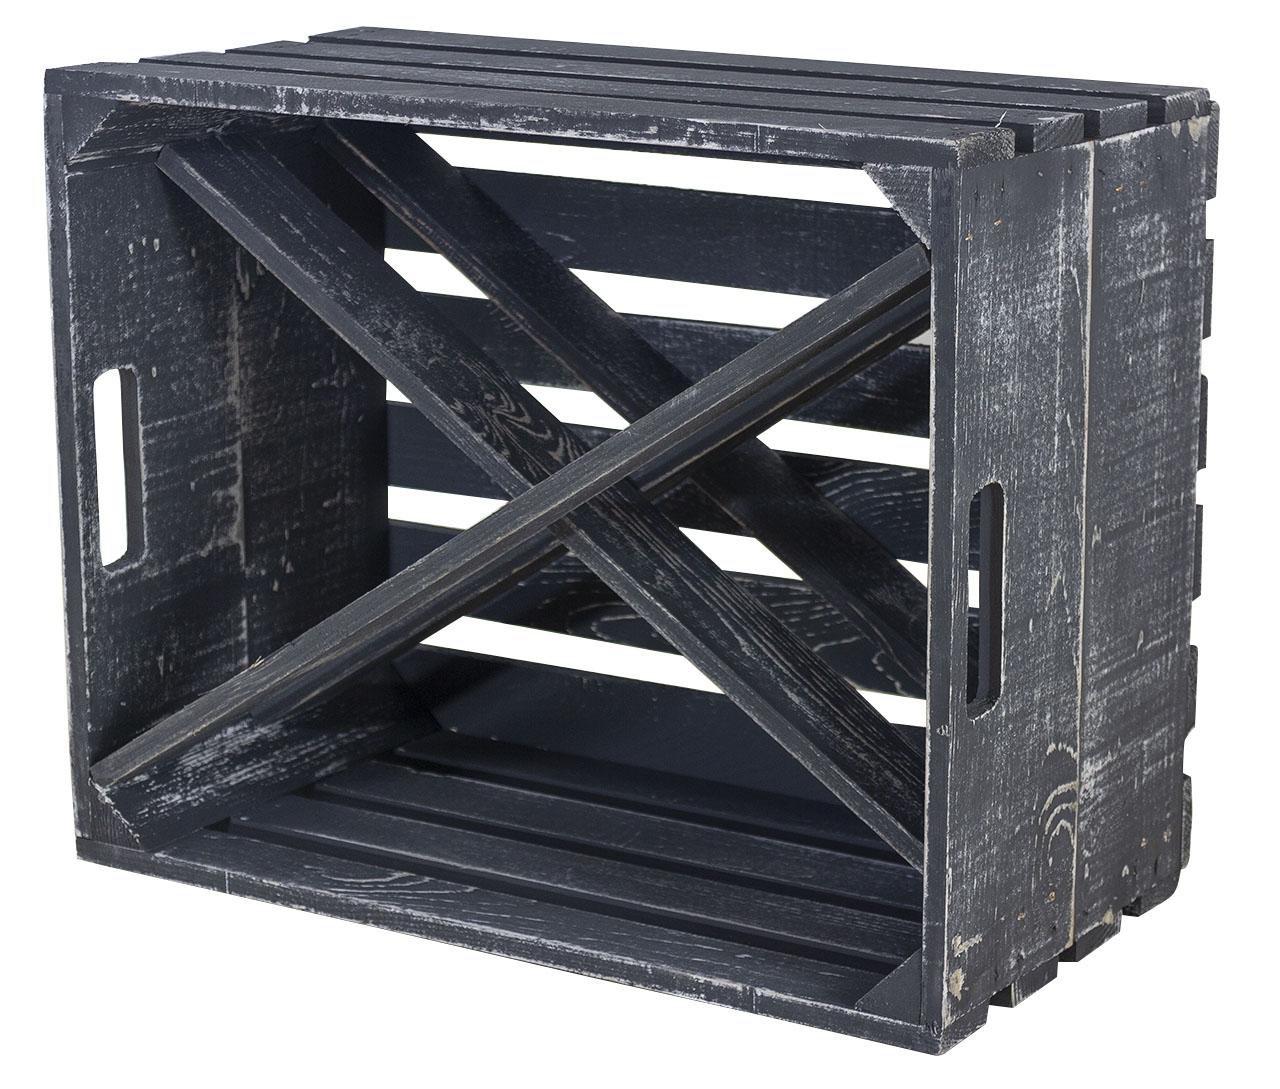 Neue Kiste X als Flaschenregal 50x40x23cm